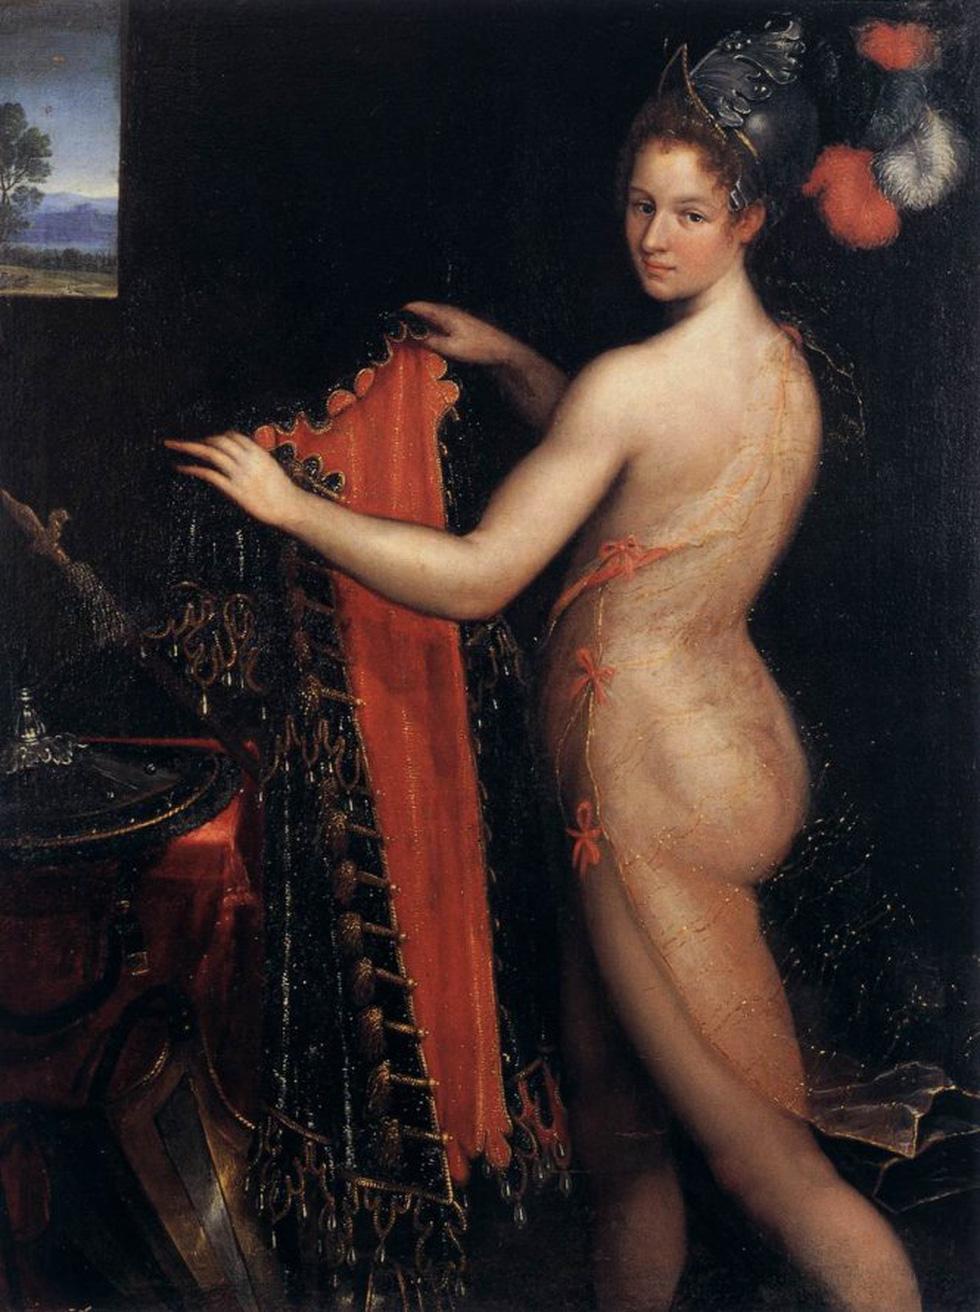 Nữ họa sĩ và 500 năm lộng lẫy: bất chấp định kiến, vẽ tranh khỏa thân - Ảnh 4.